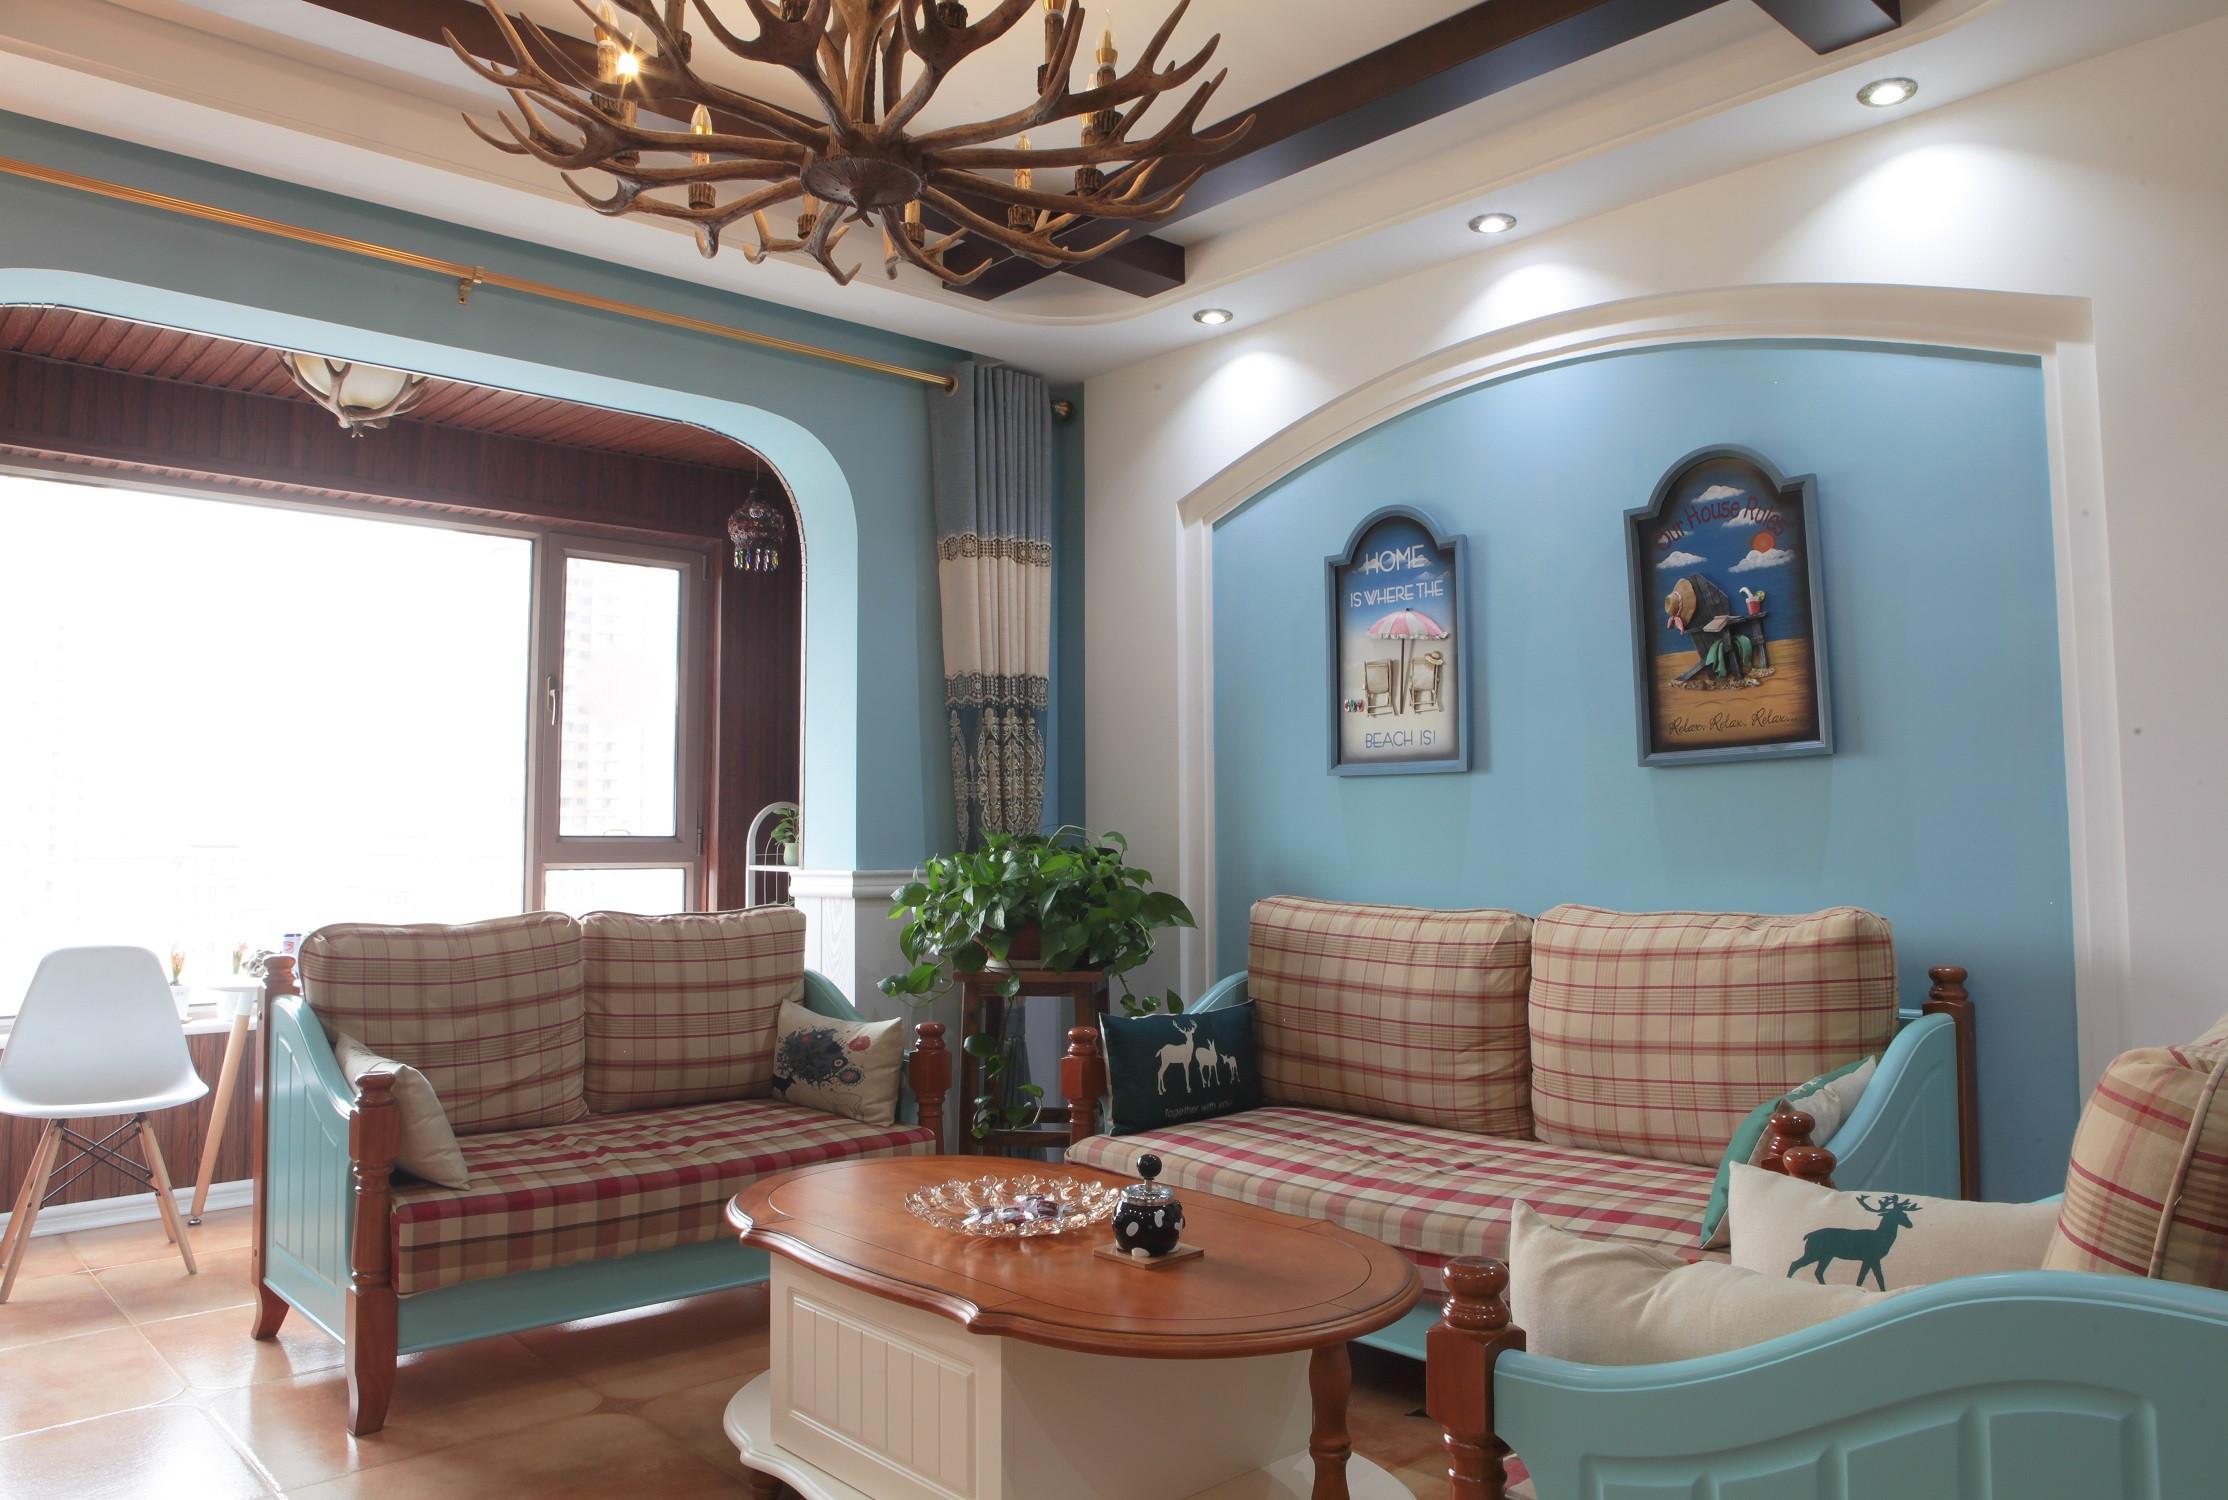 110㎡地中海风格装修沙发背景墙图片